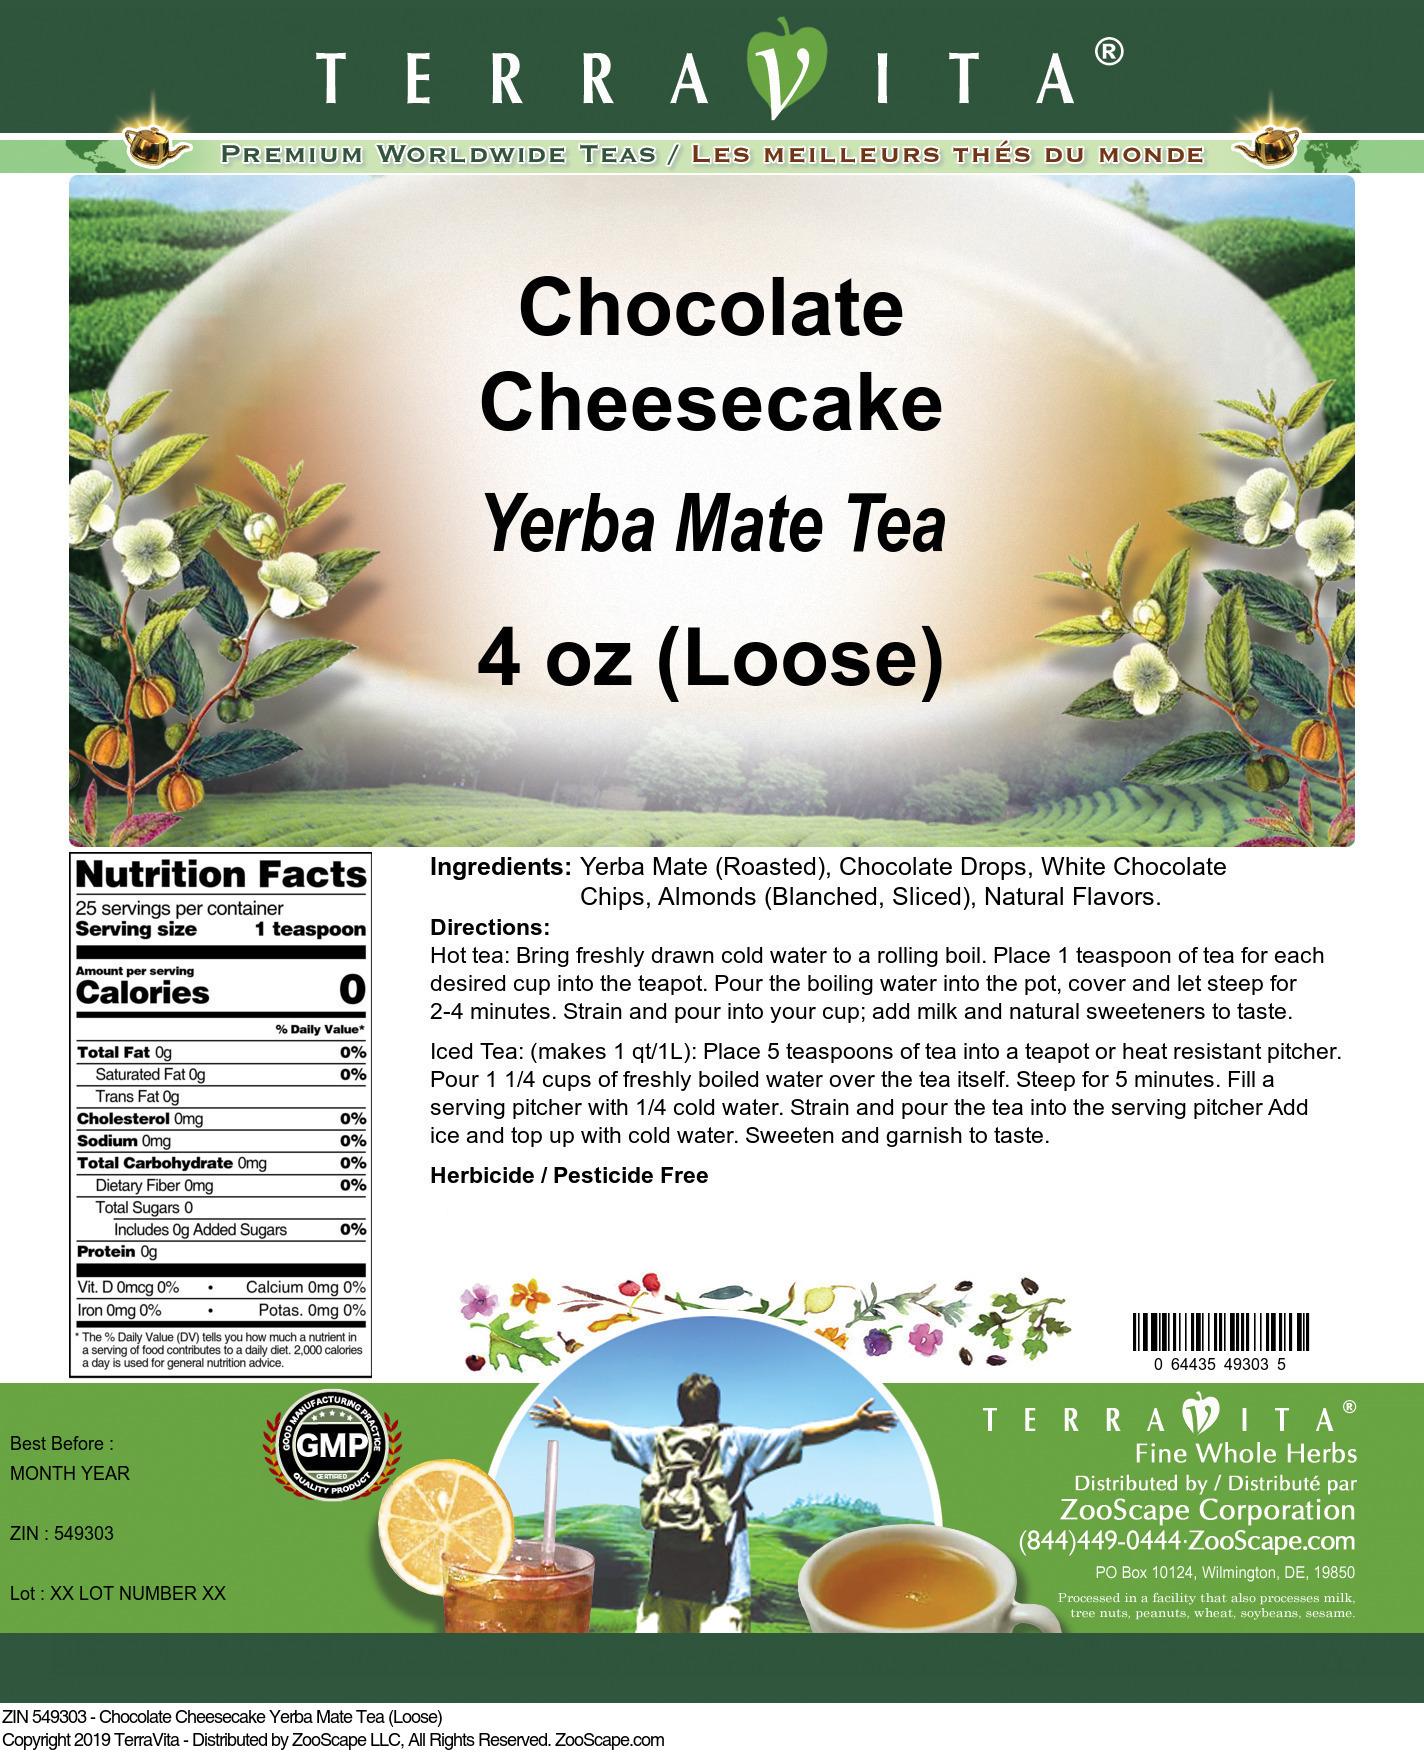 Chocolate Cheesecake Yerba Mate